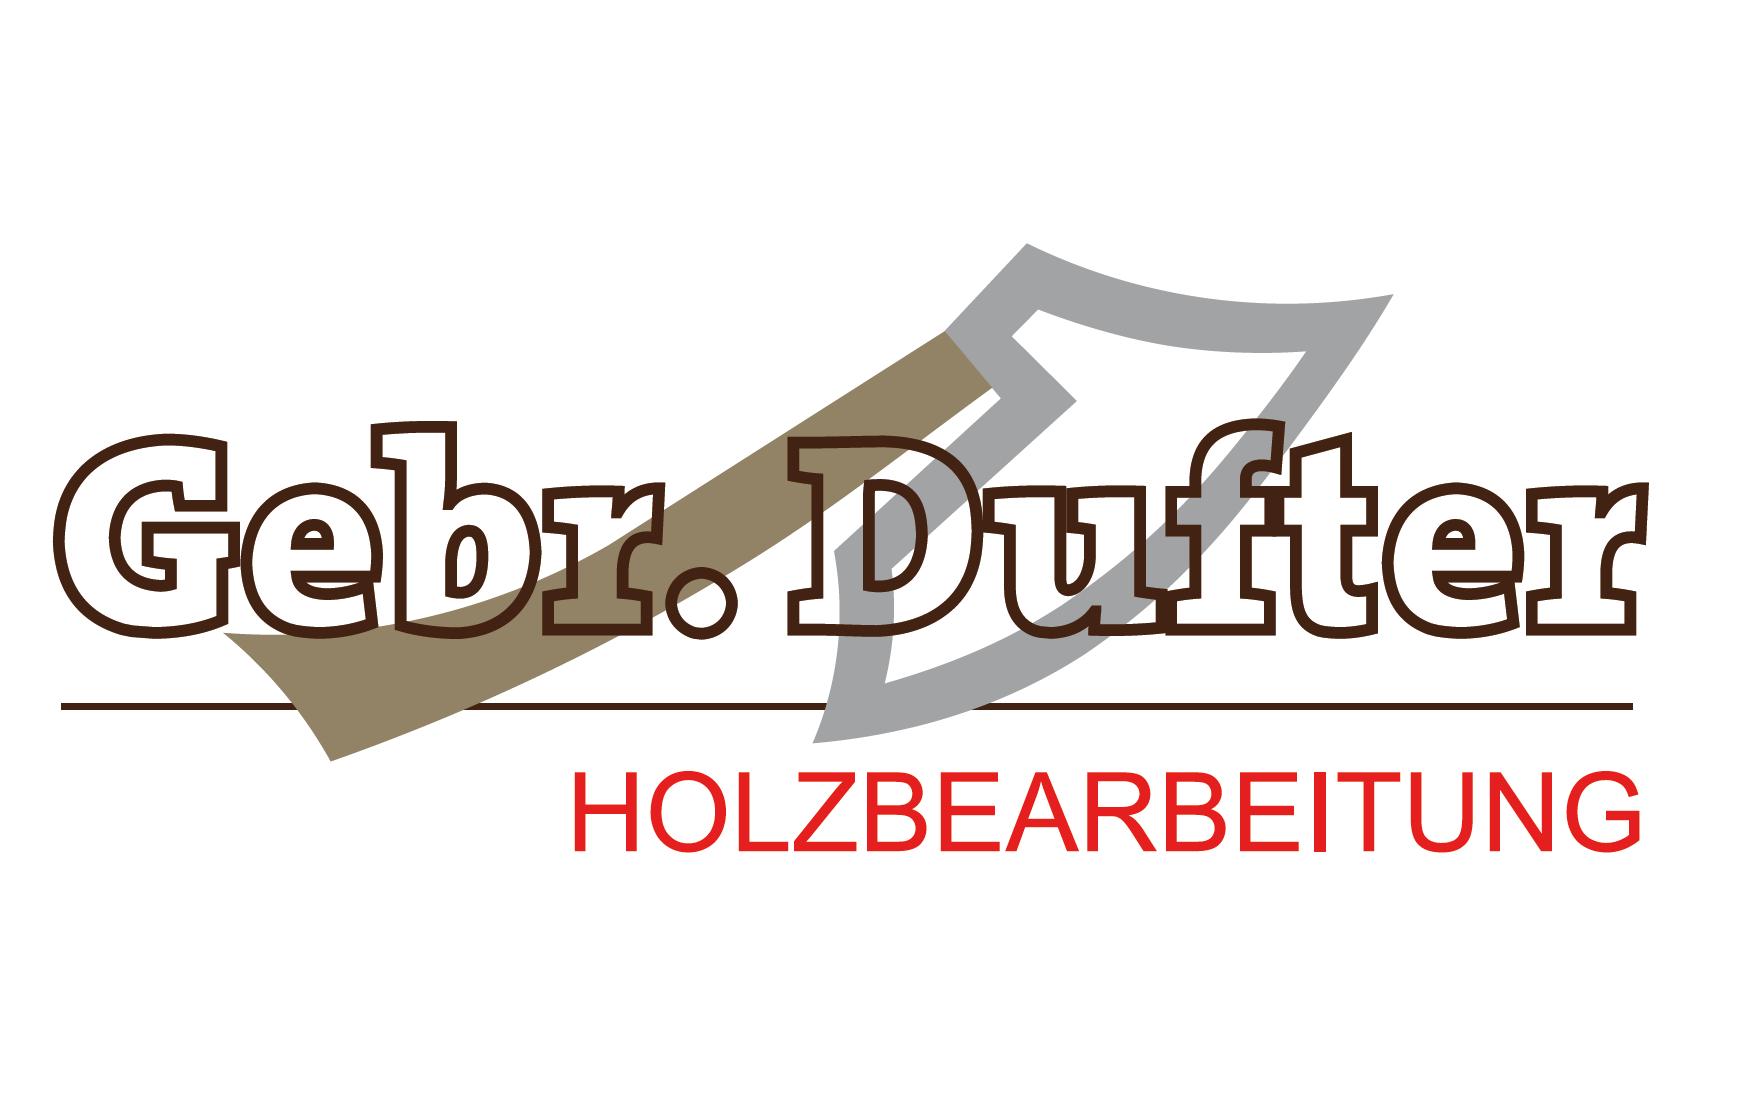 Gebr. Dufter_Logo